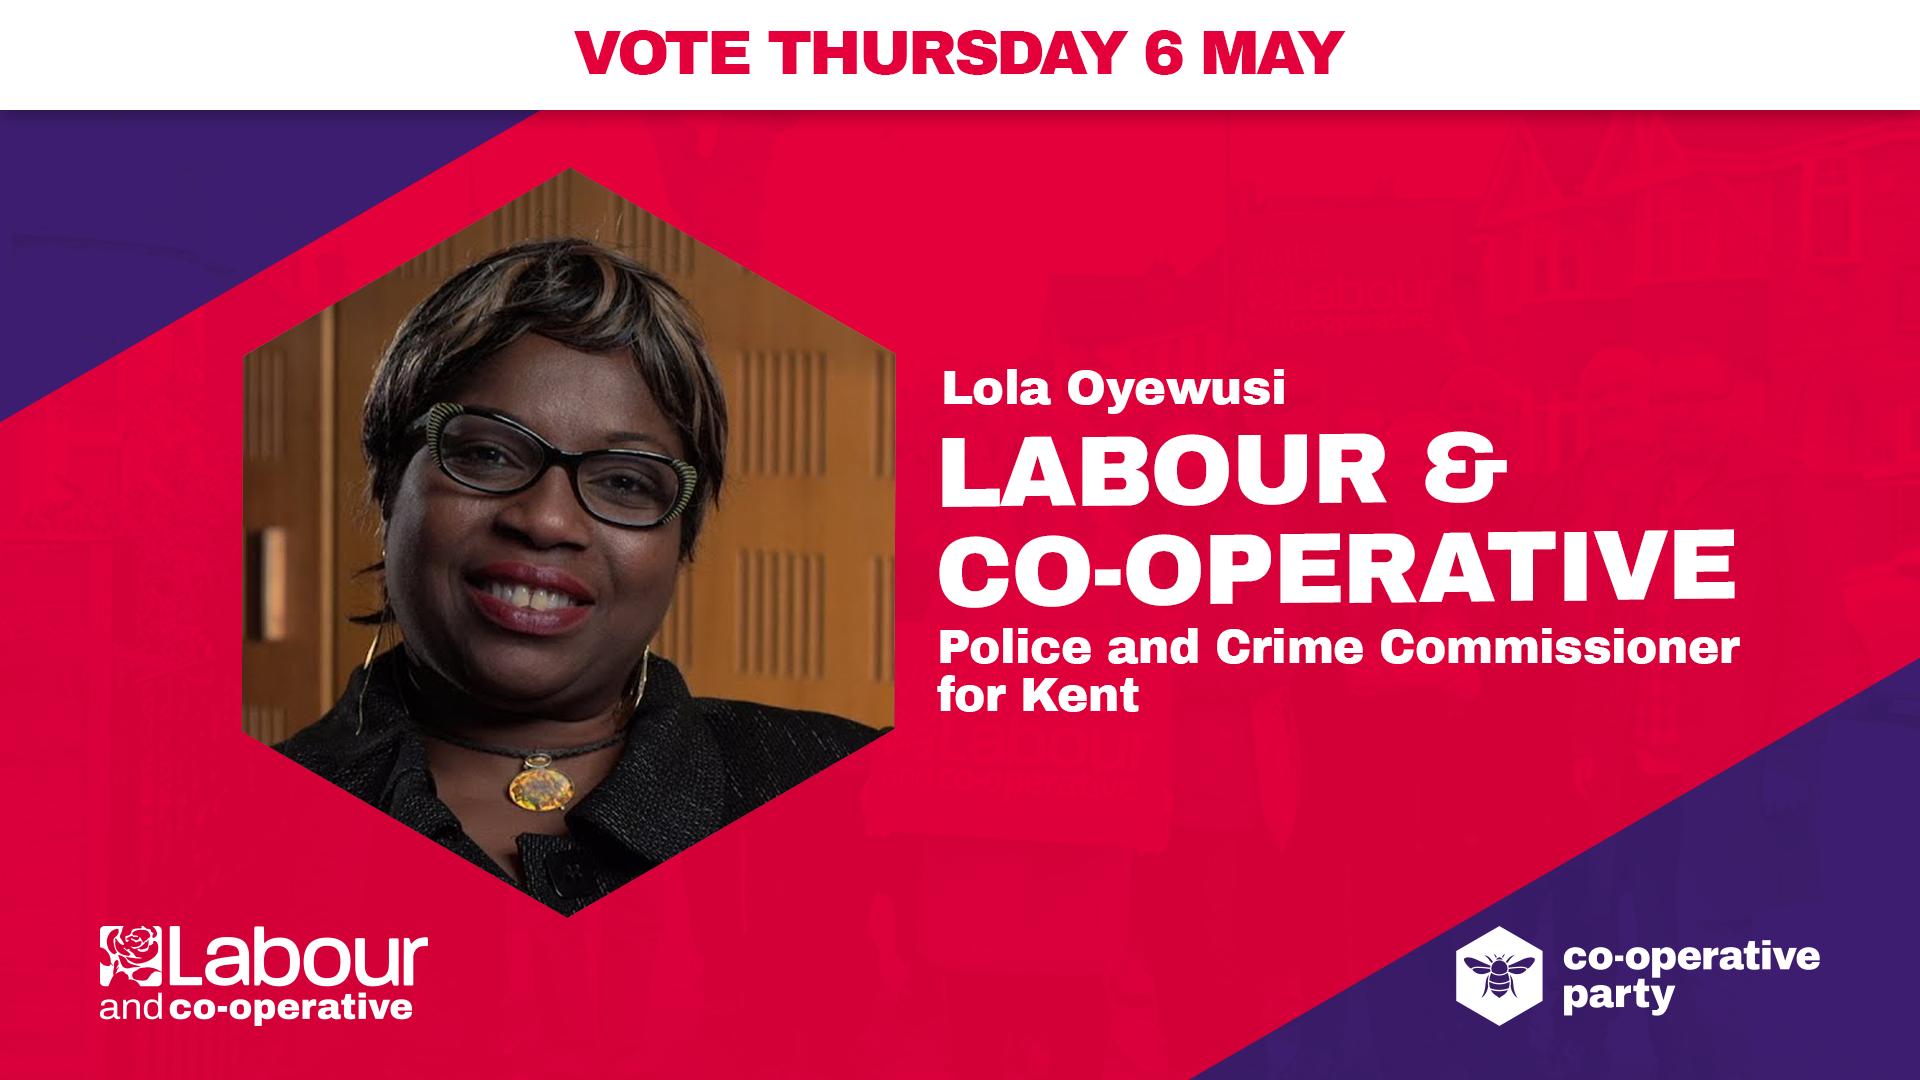 Lola Oyewusi